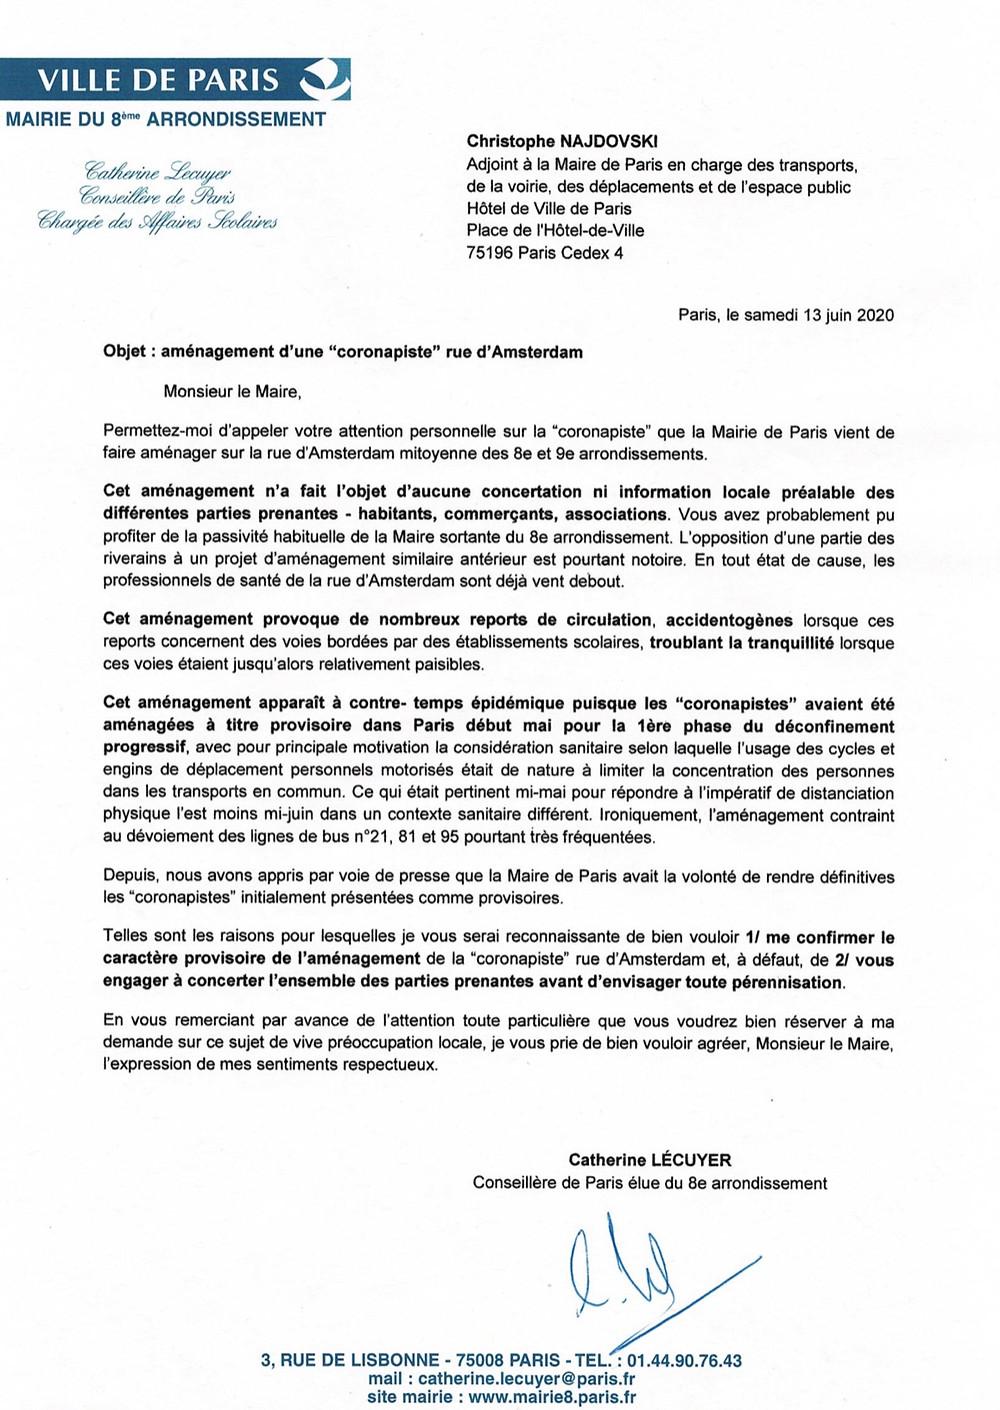 Mon courrier à l'adjoint à la Maire de Paris Christophe NAJDOVSKI